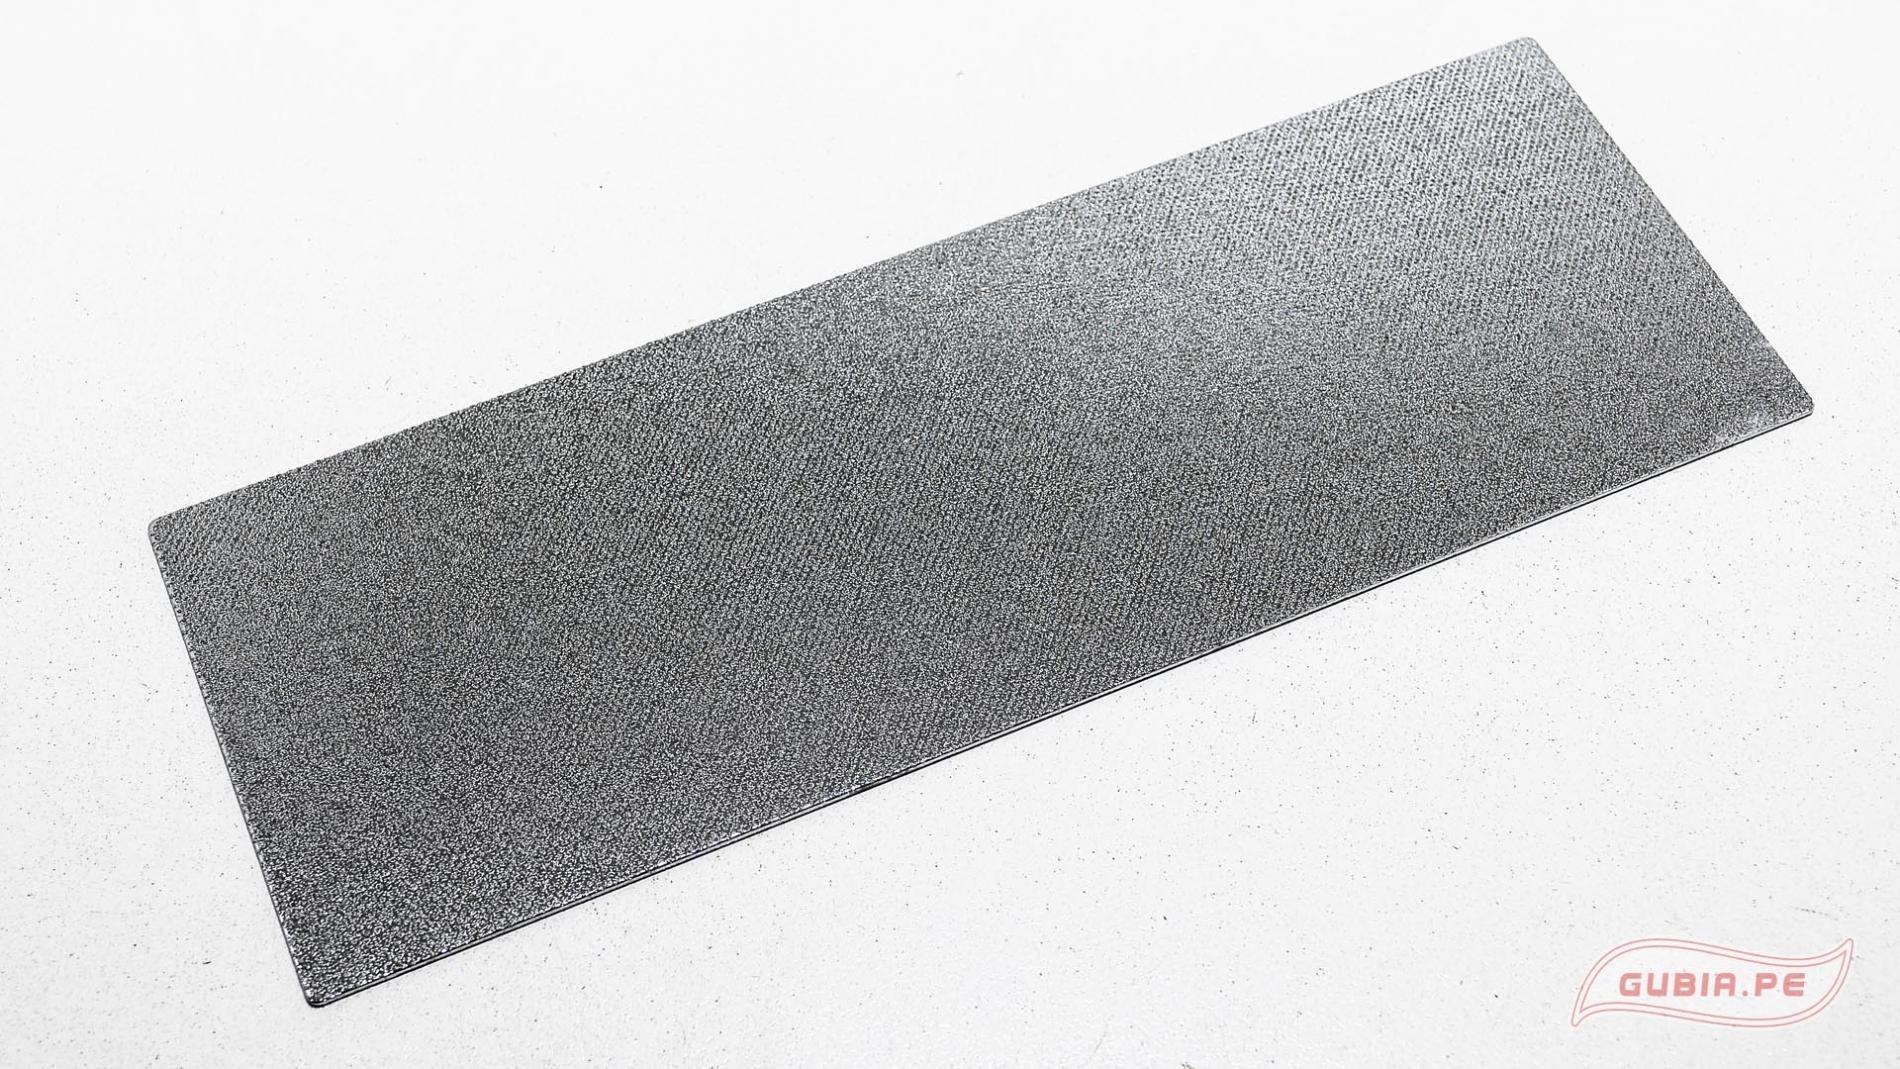 ATM75-1.4C-Placa diamantada inox 210x75x1mm grano 140 Atoma ATM75-1.4C-max-2.